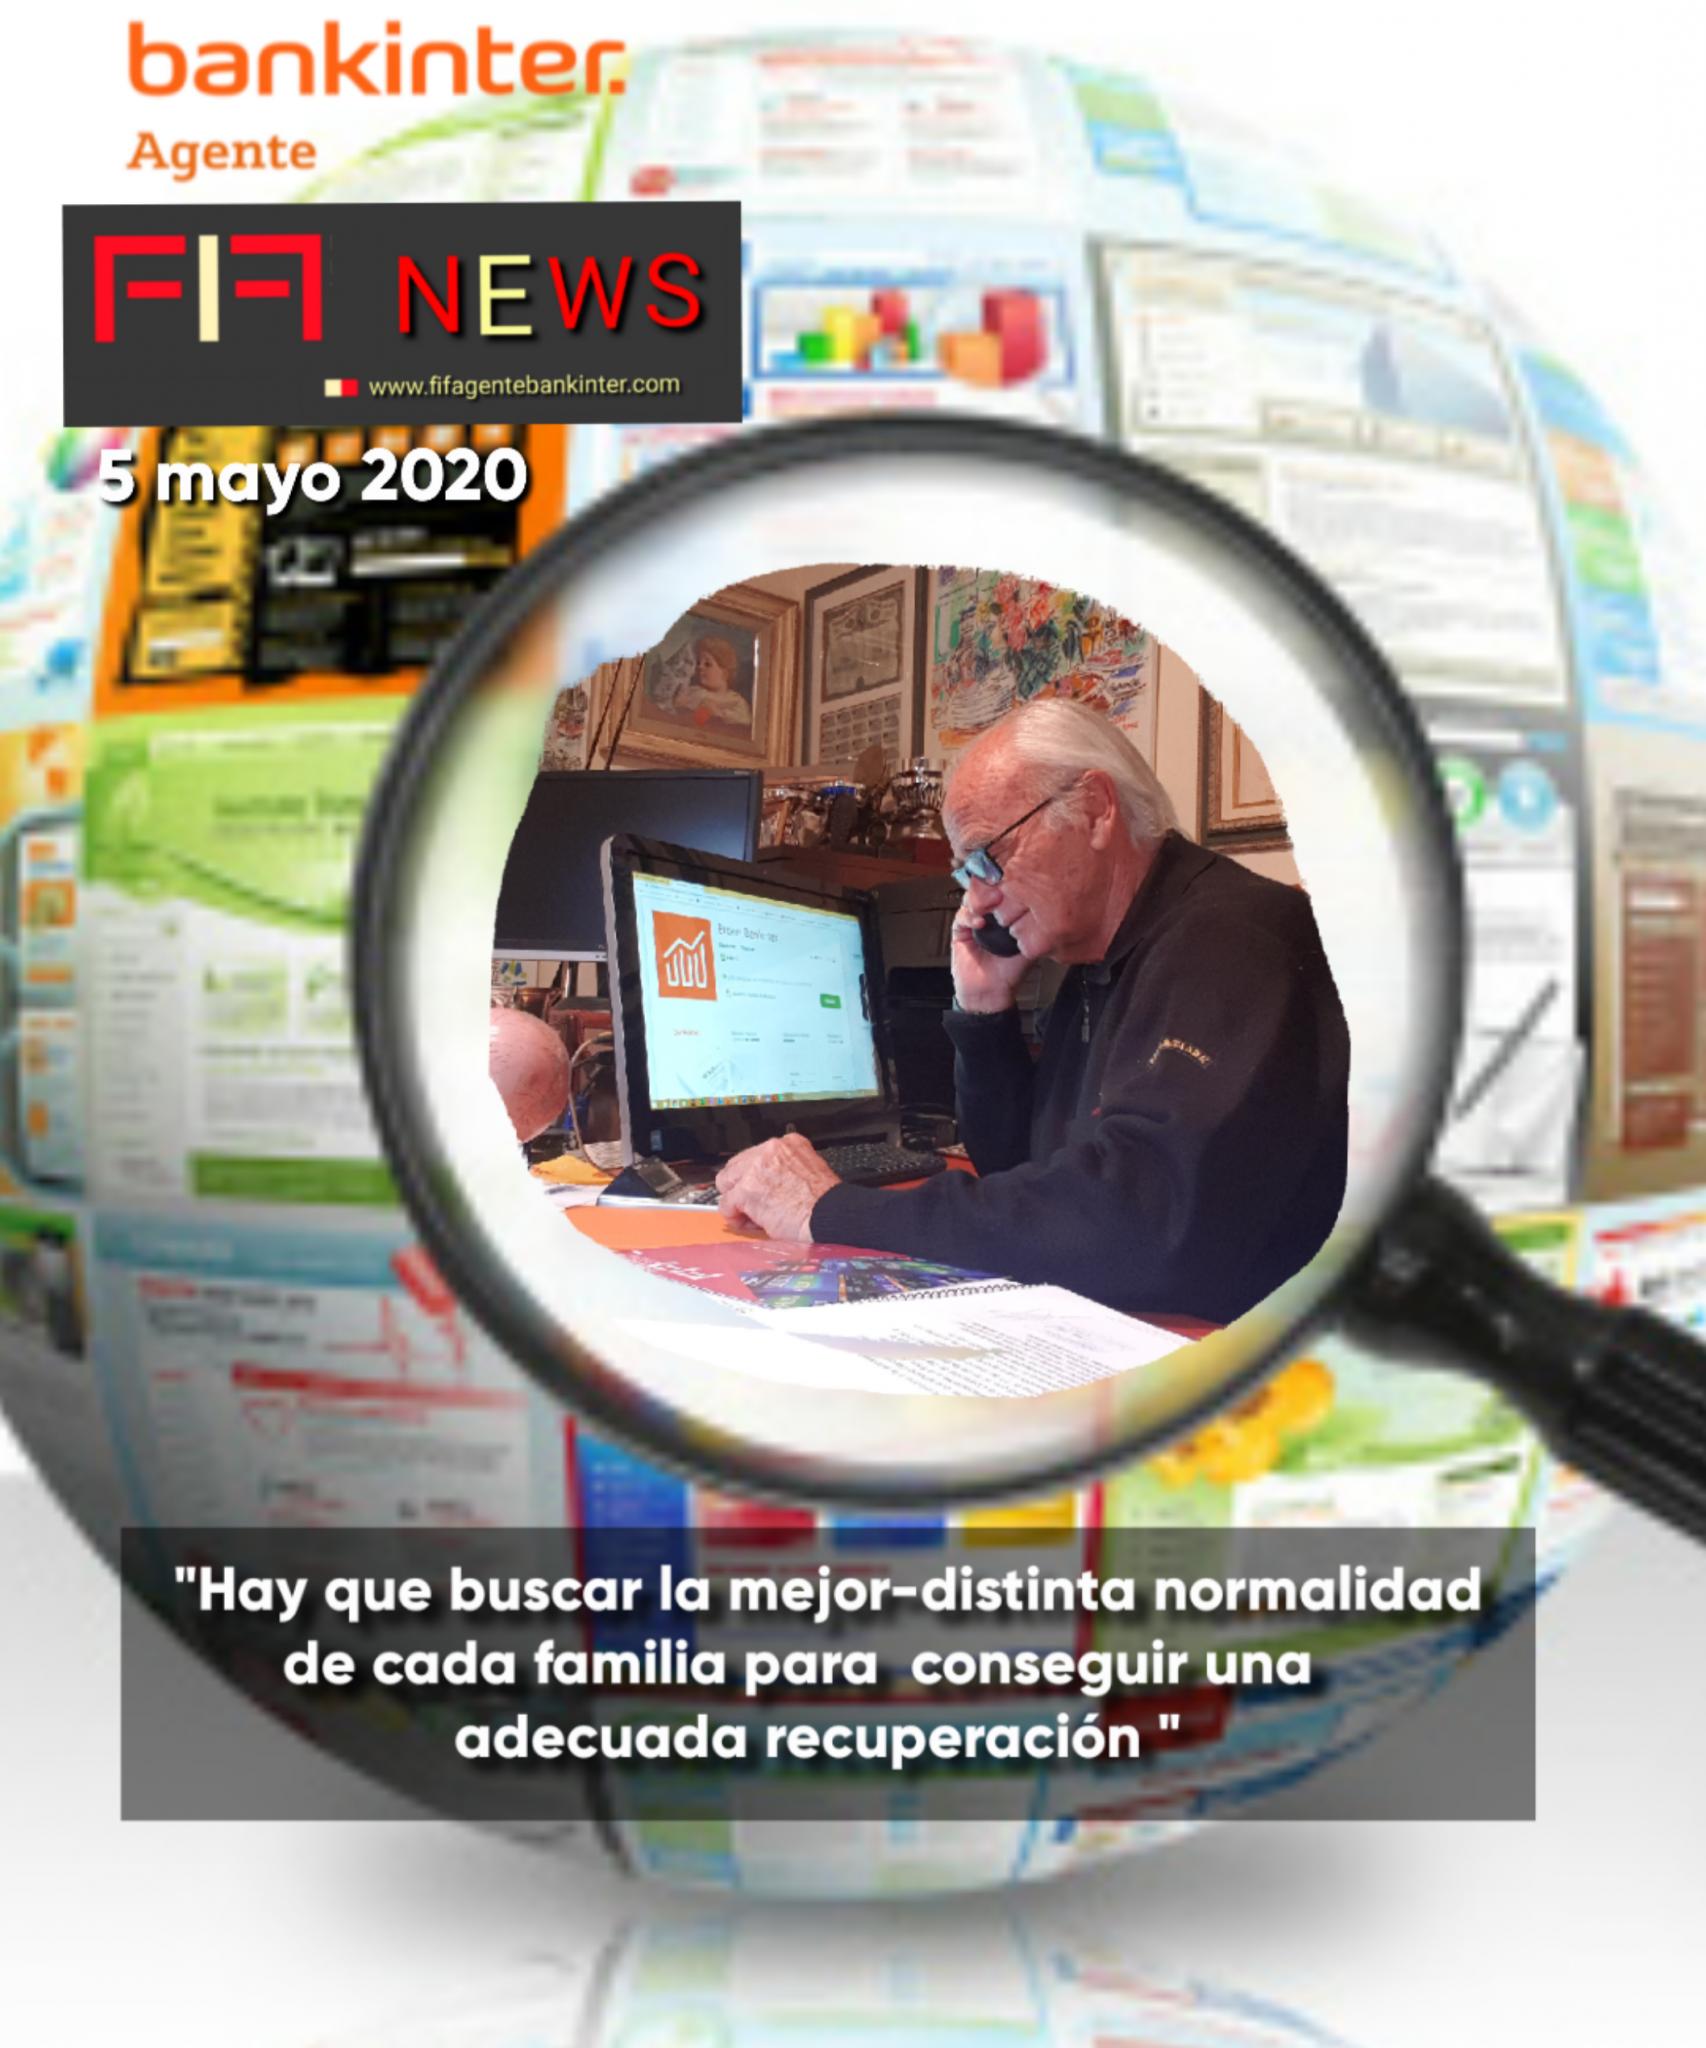 """FIF NEWS 5 mayo 20: """"Hay que buscar la mejor-distinta normalidad de cada familia para conseguir una adecuada recuperación"""""""